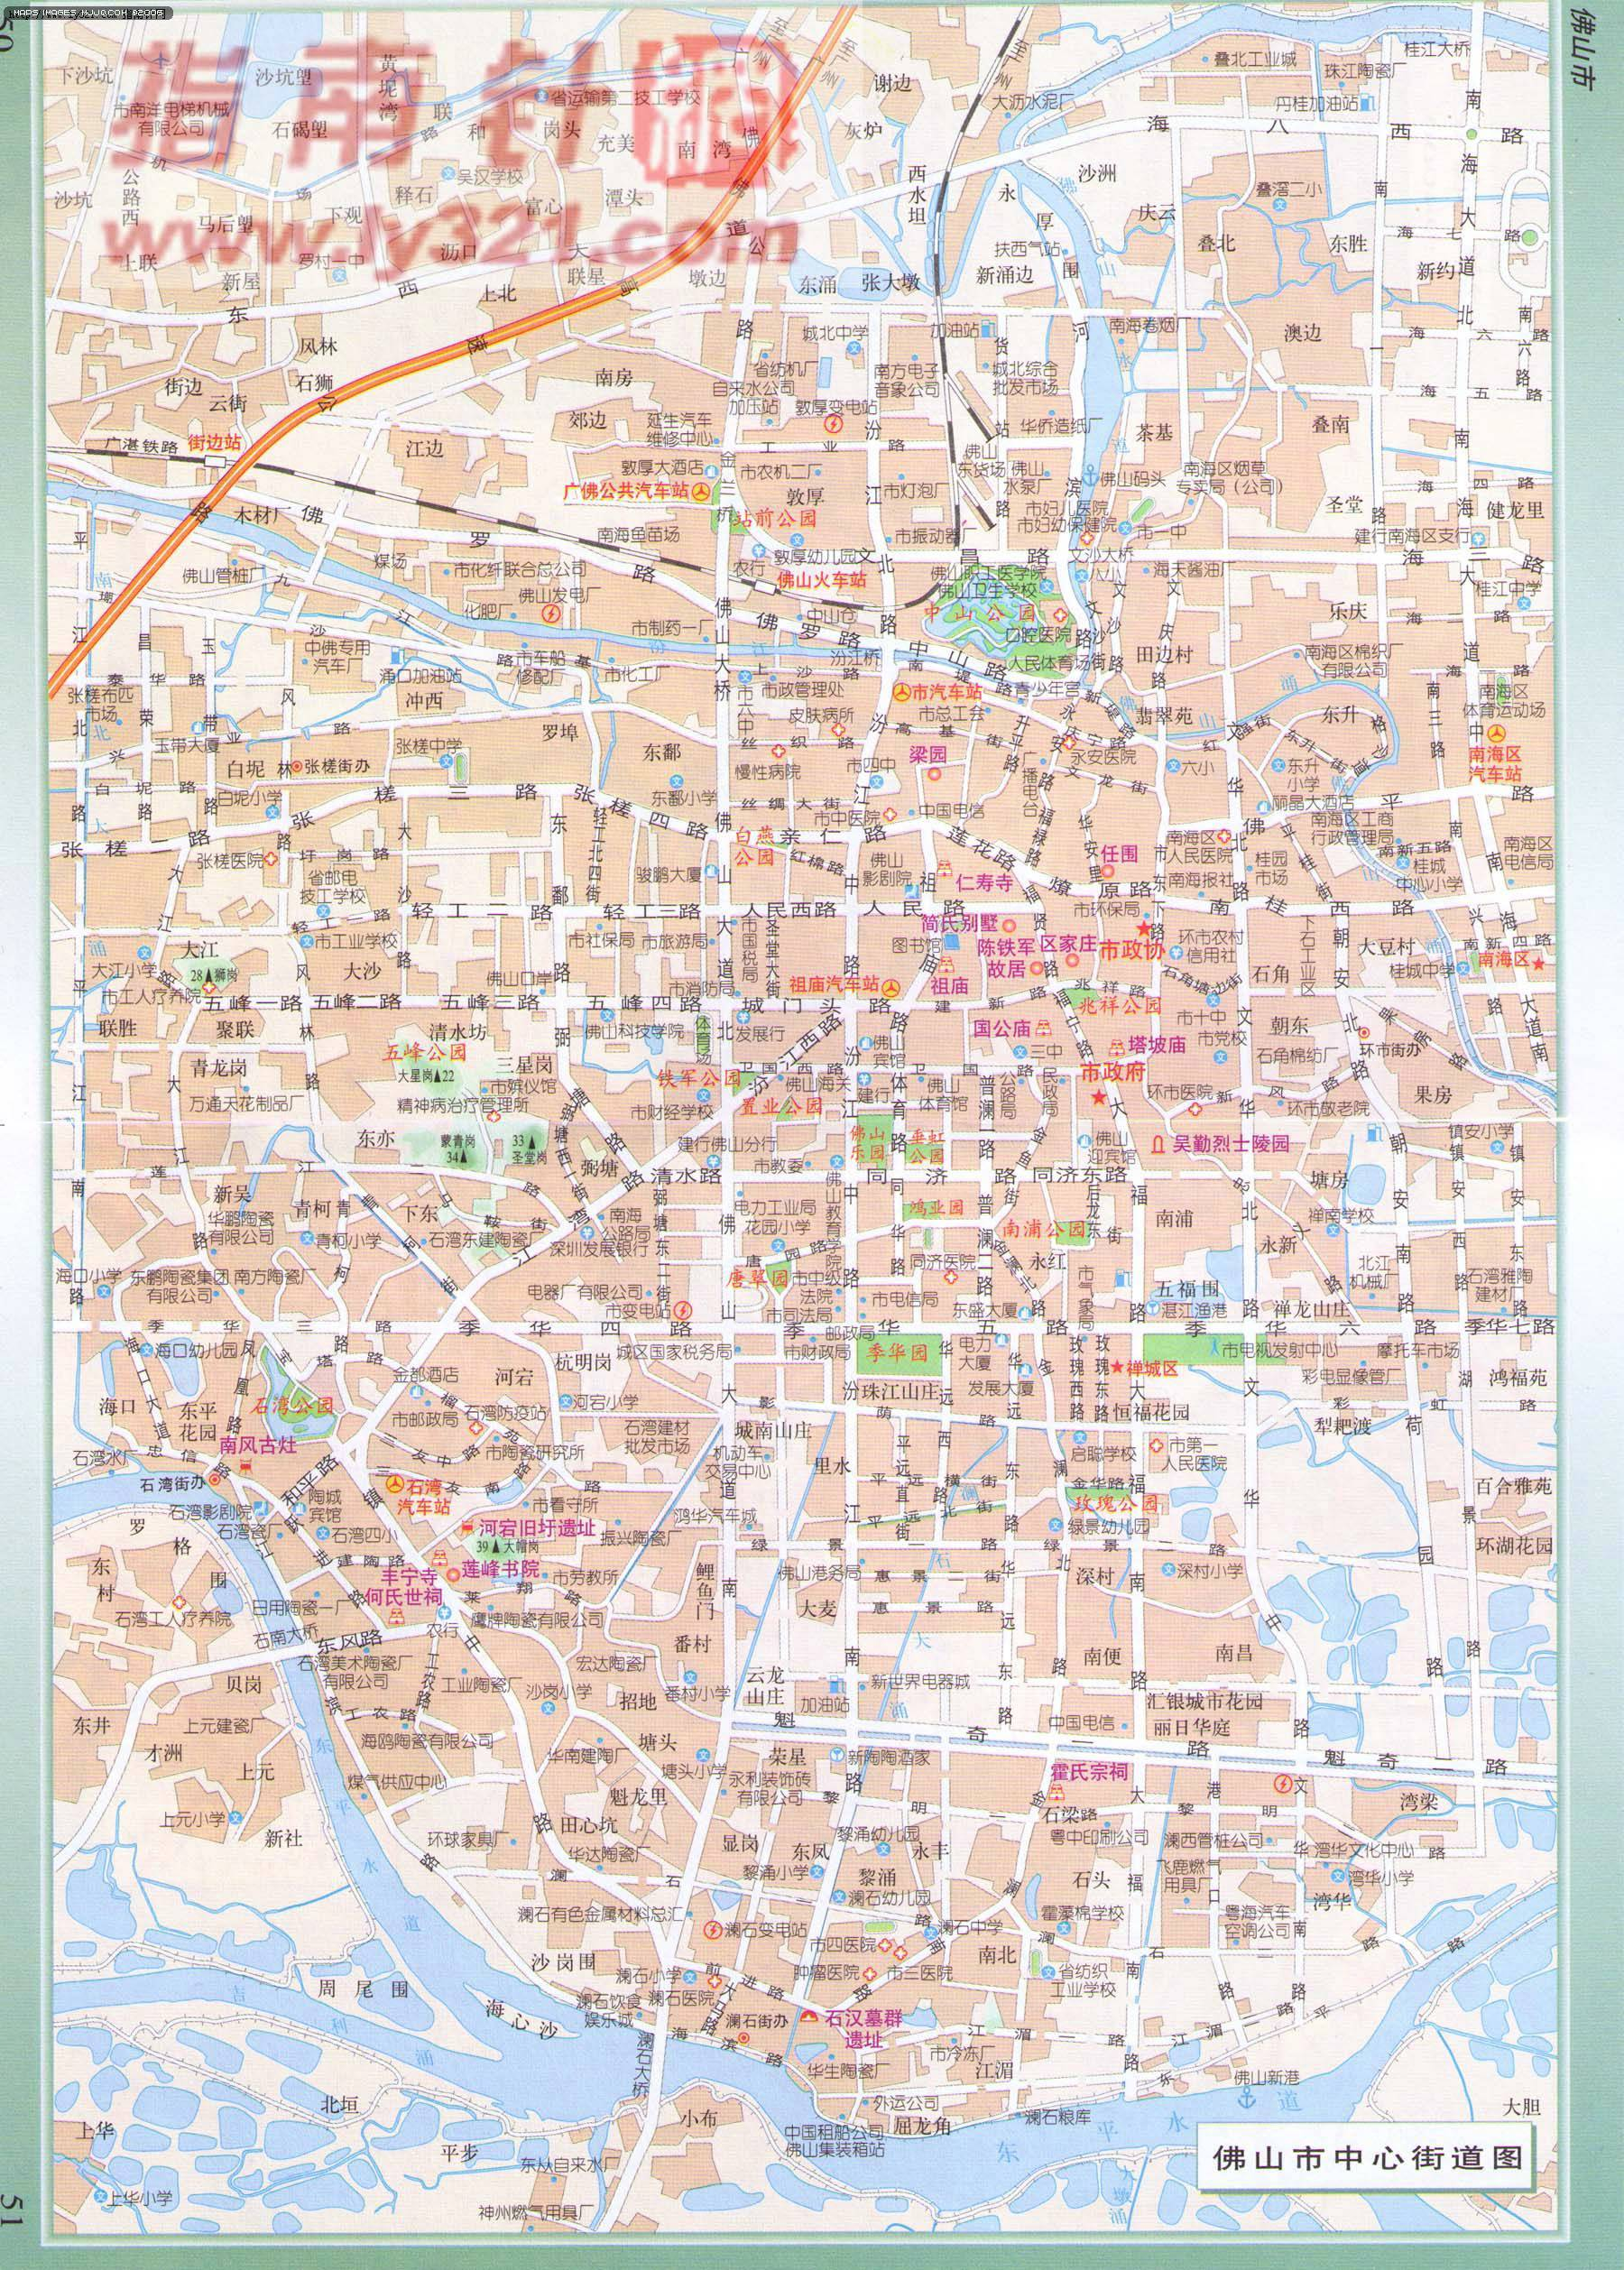 答:佛山市现辖5个市辖区(禅城区,顺德区,南海区,三水区,高明区),除图片